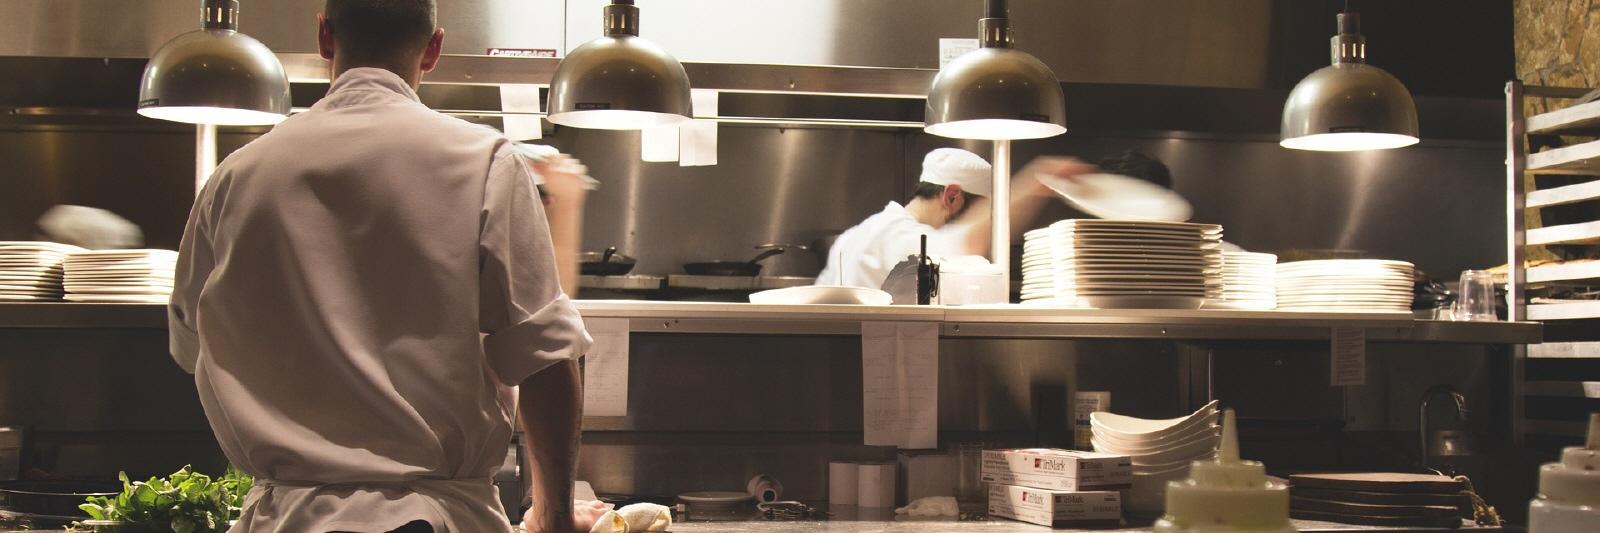 Zusatzstoffe im Restaurant - Zusatzstoffe auf Speisekarten